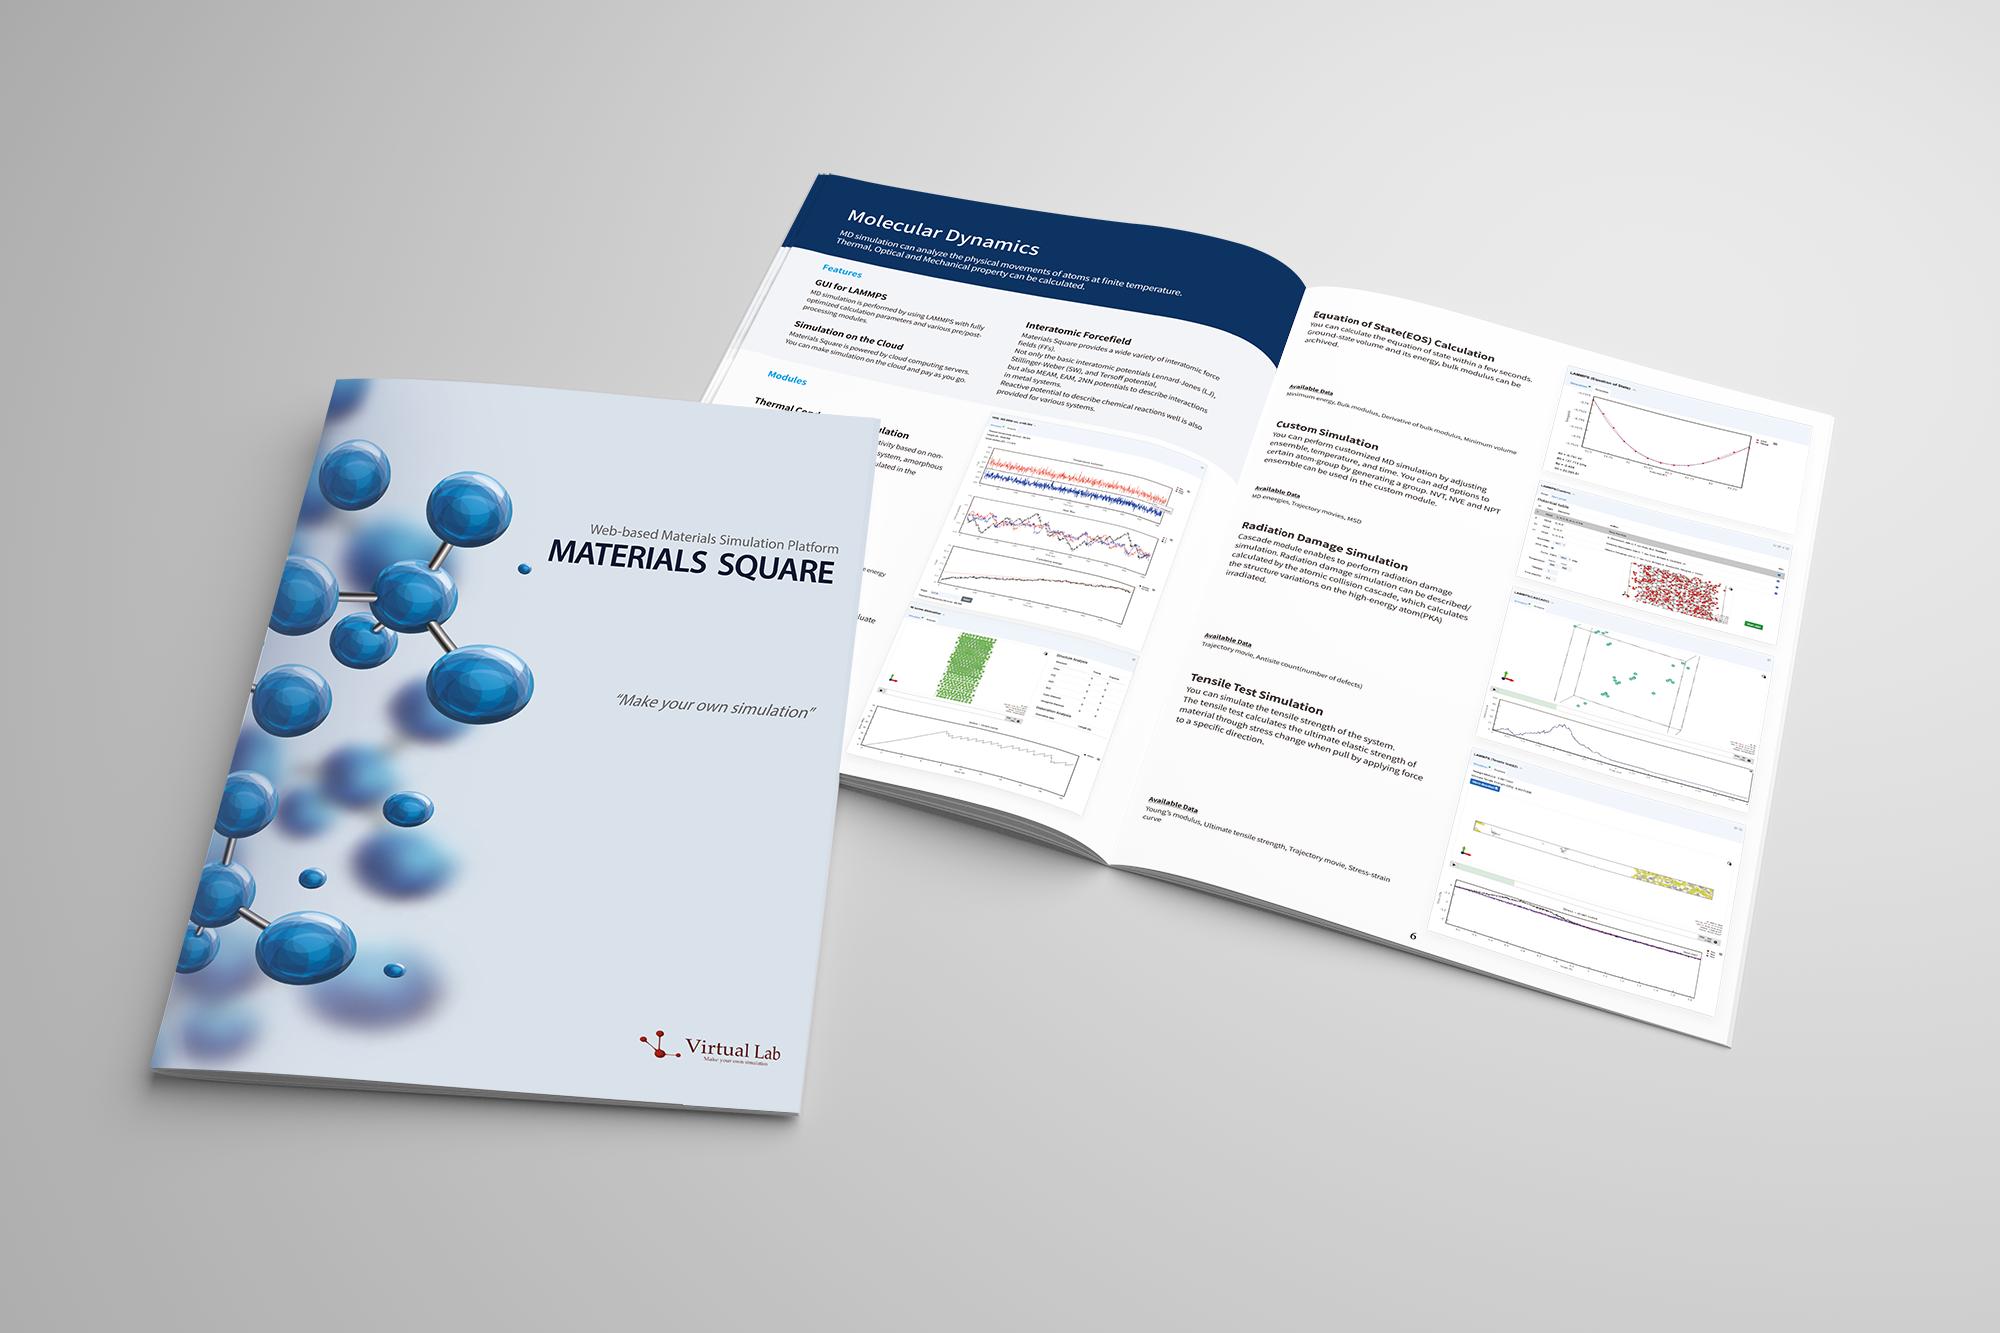 matsq-brochure-2020